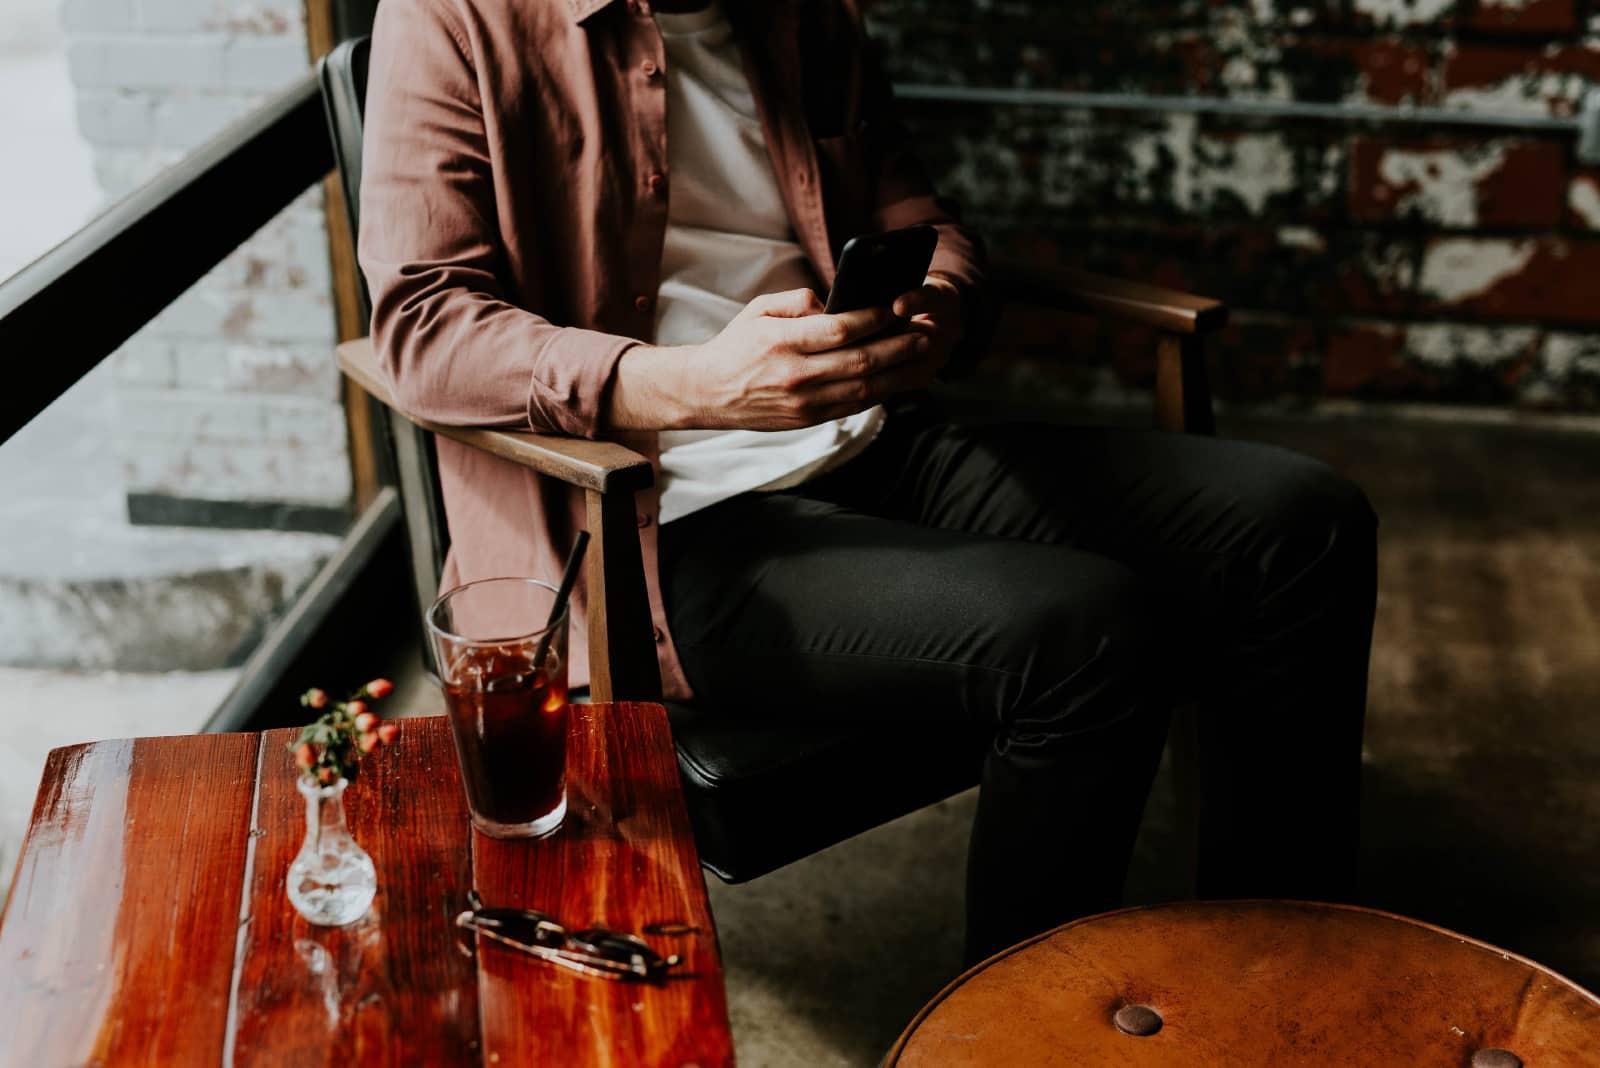 homme assis sur une chaise tout en utilisant un smartphone